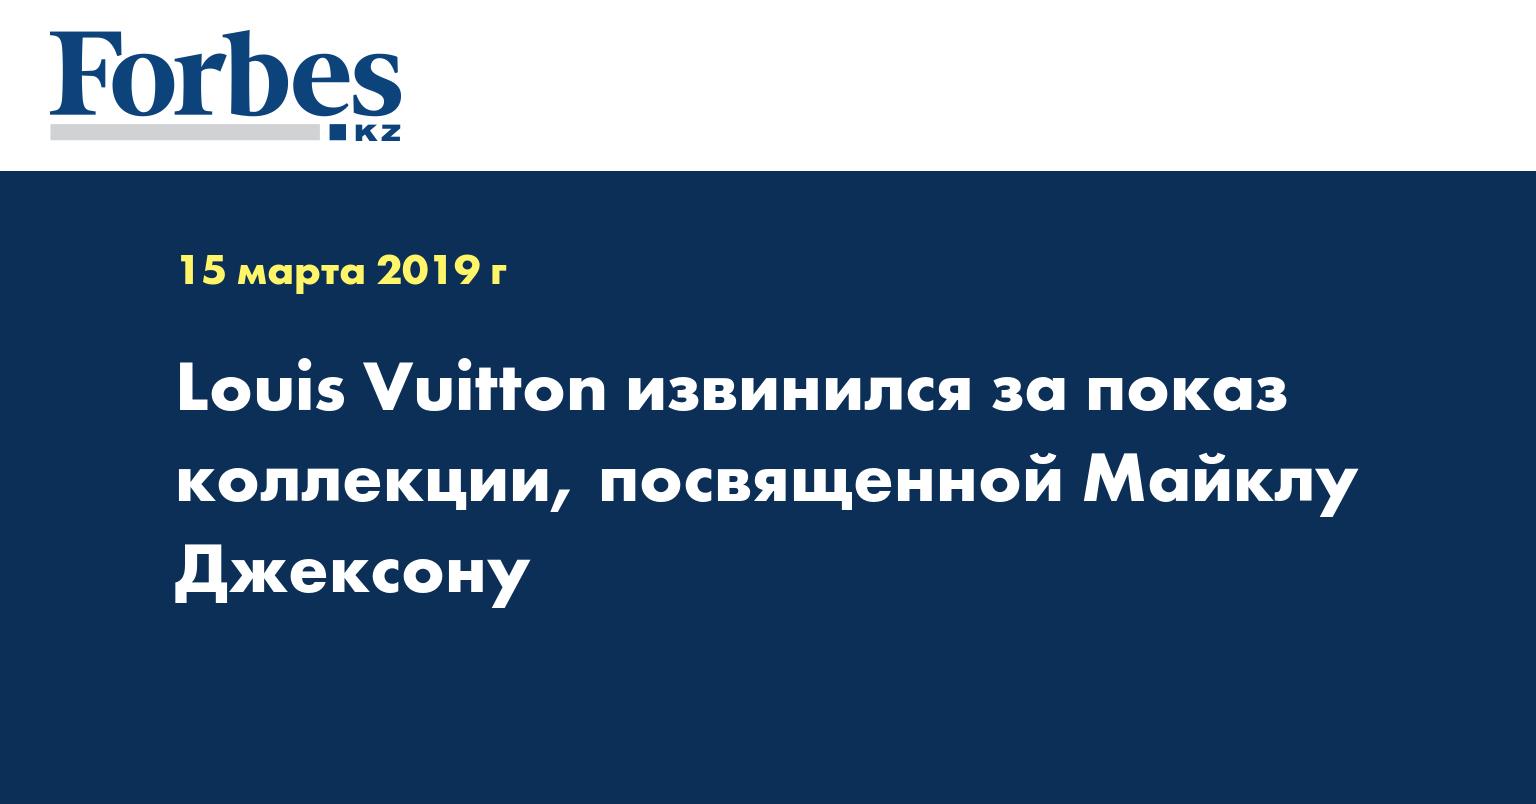 Louis Vuitton извинился за показ коллекции, посвященной Майклу Джексону